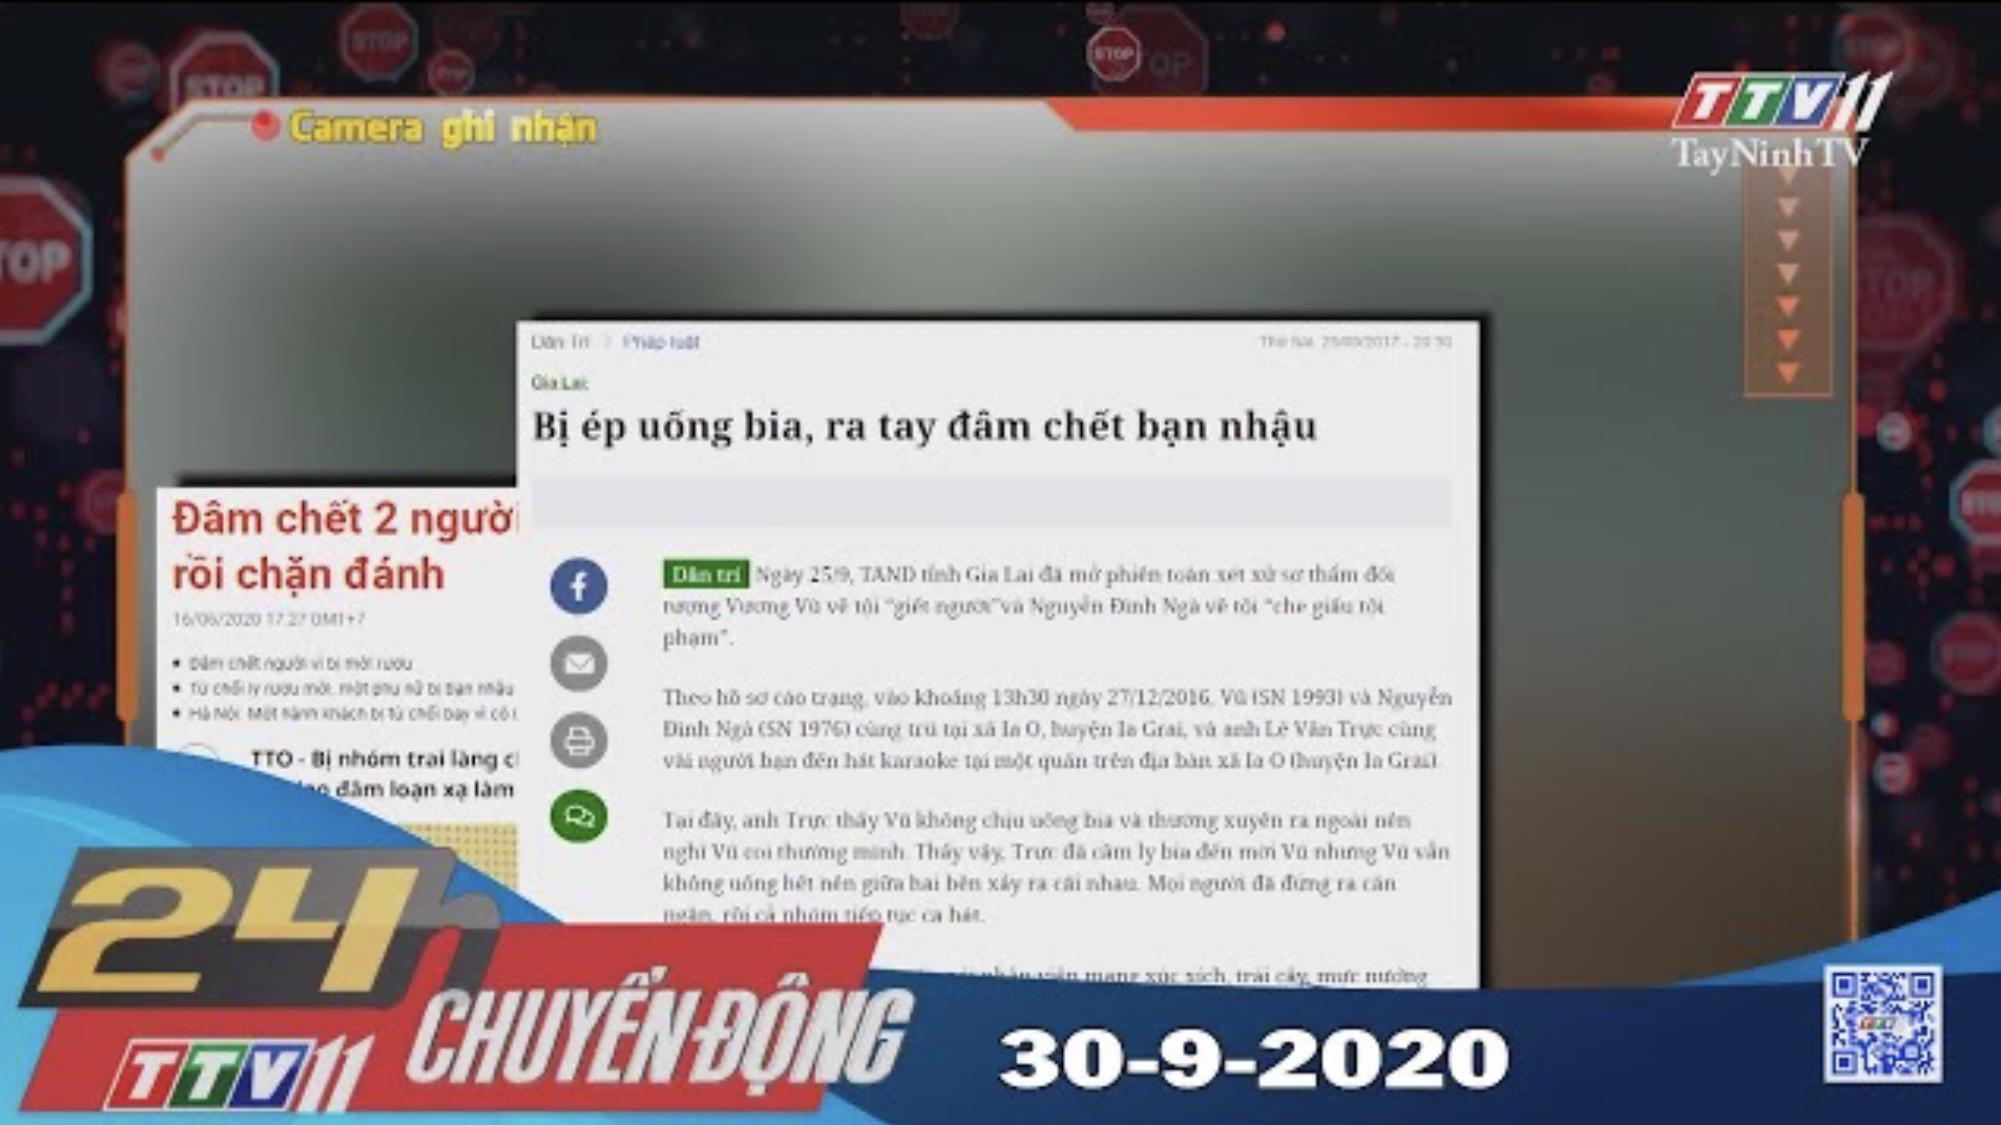 24h Chuyển động 30-9-2020 | Tin tức hôm nay | TayNinhTV